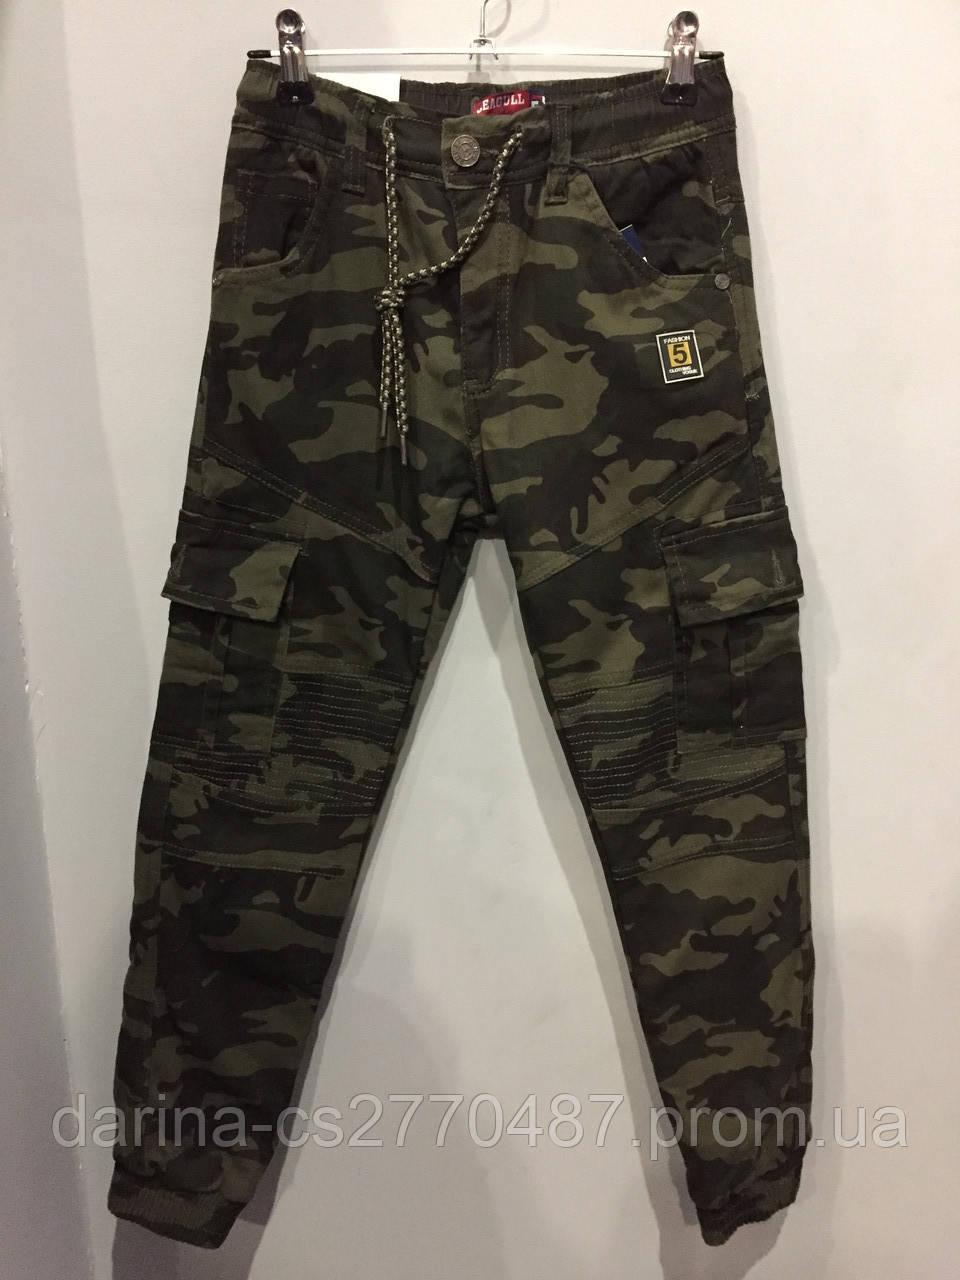 Утепленные коттоновые брюки для мальчика 134-164 см